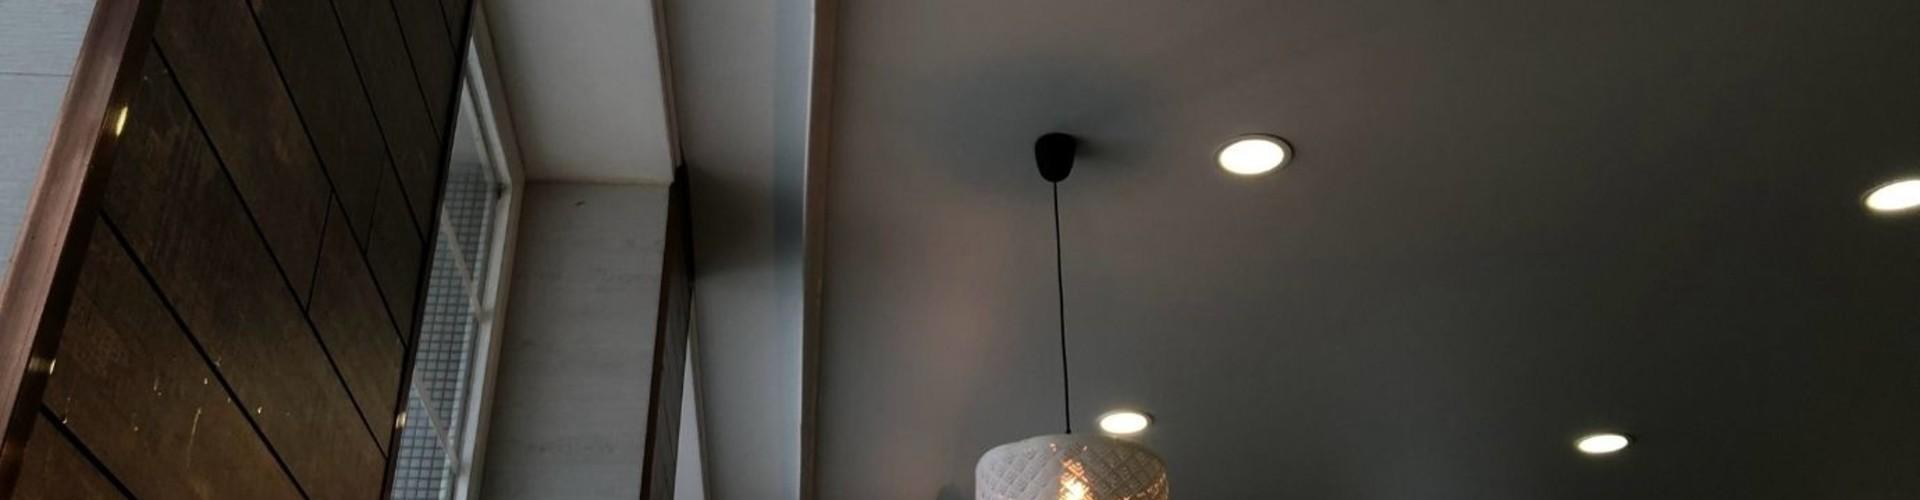 Sfeer in huis met een plafondlamp